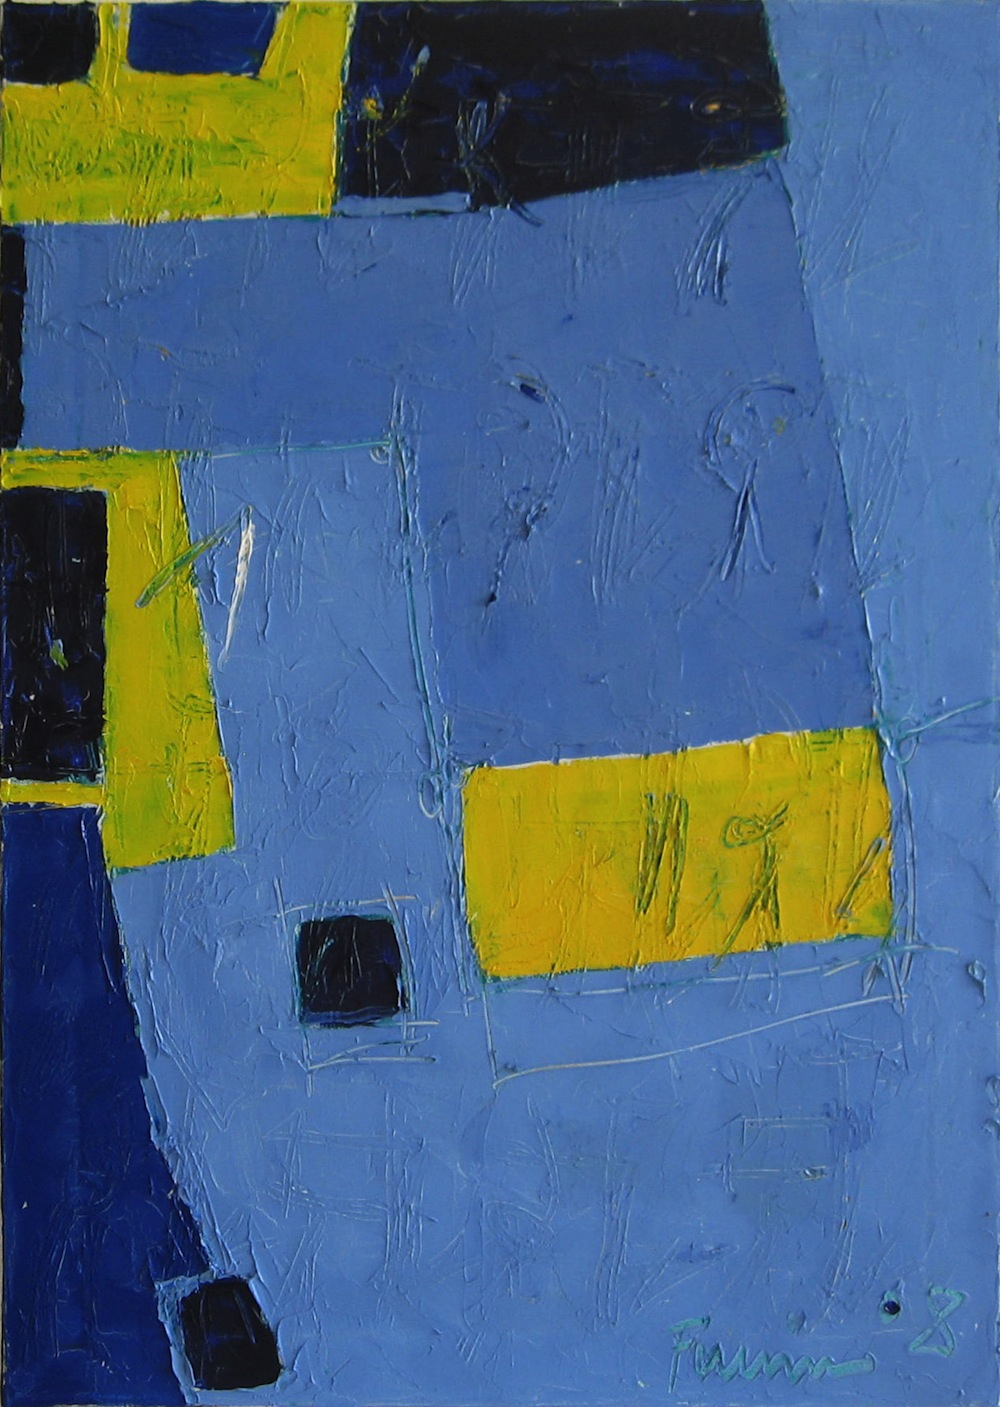 Azzurro-giallo, 2008<br/>Olio su tela, 90 x 100 cm